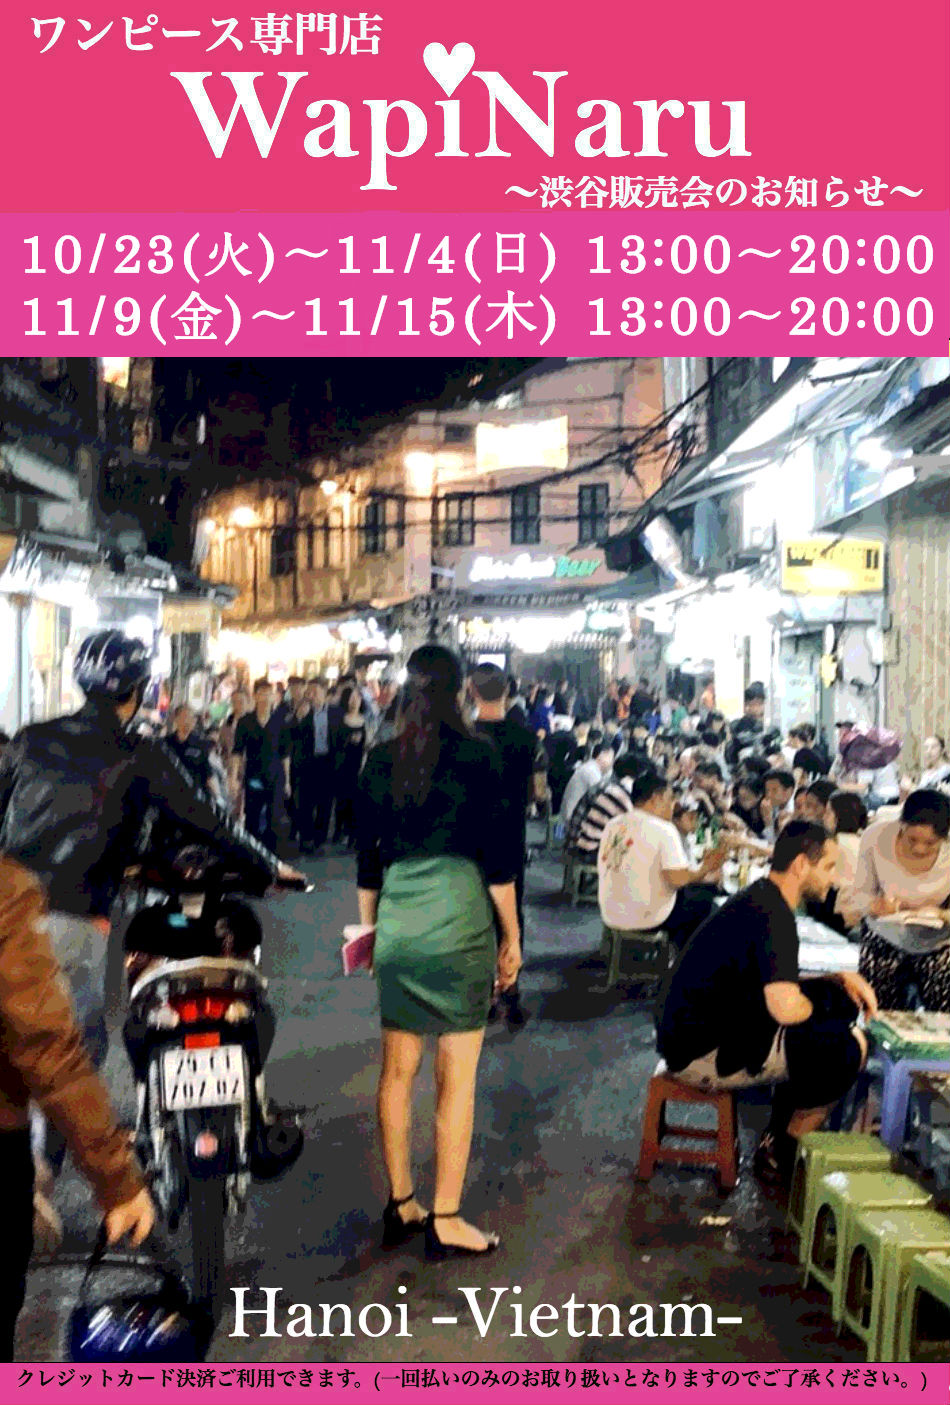 2018年10月 渋谷販売会